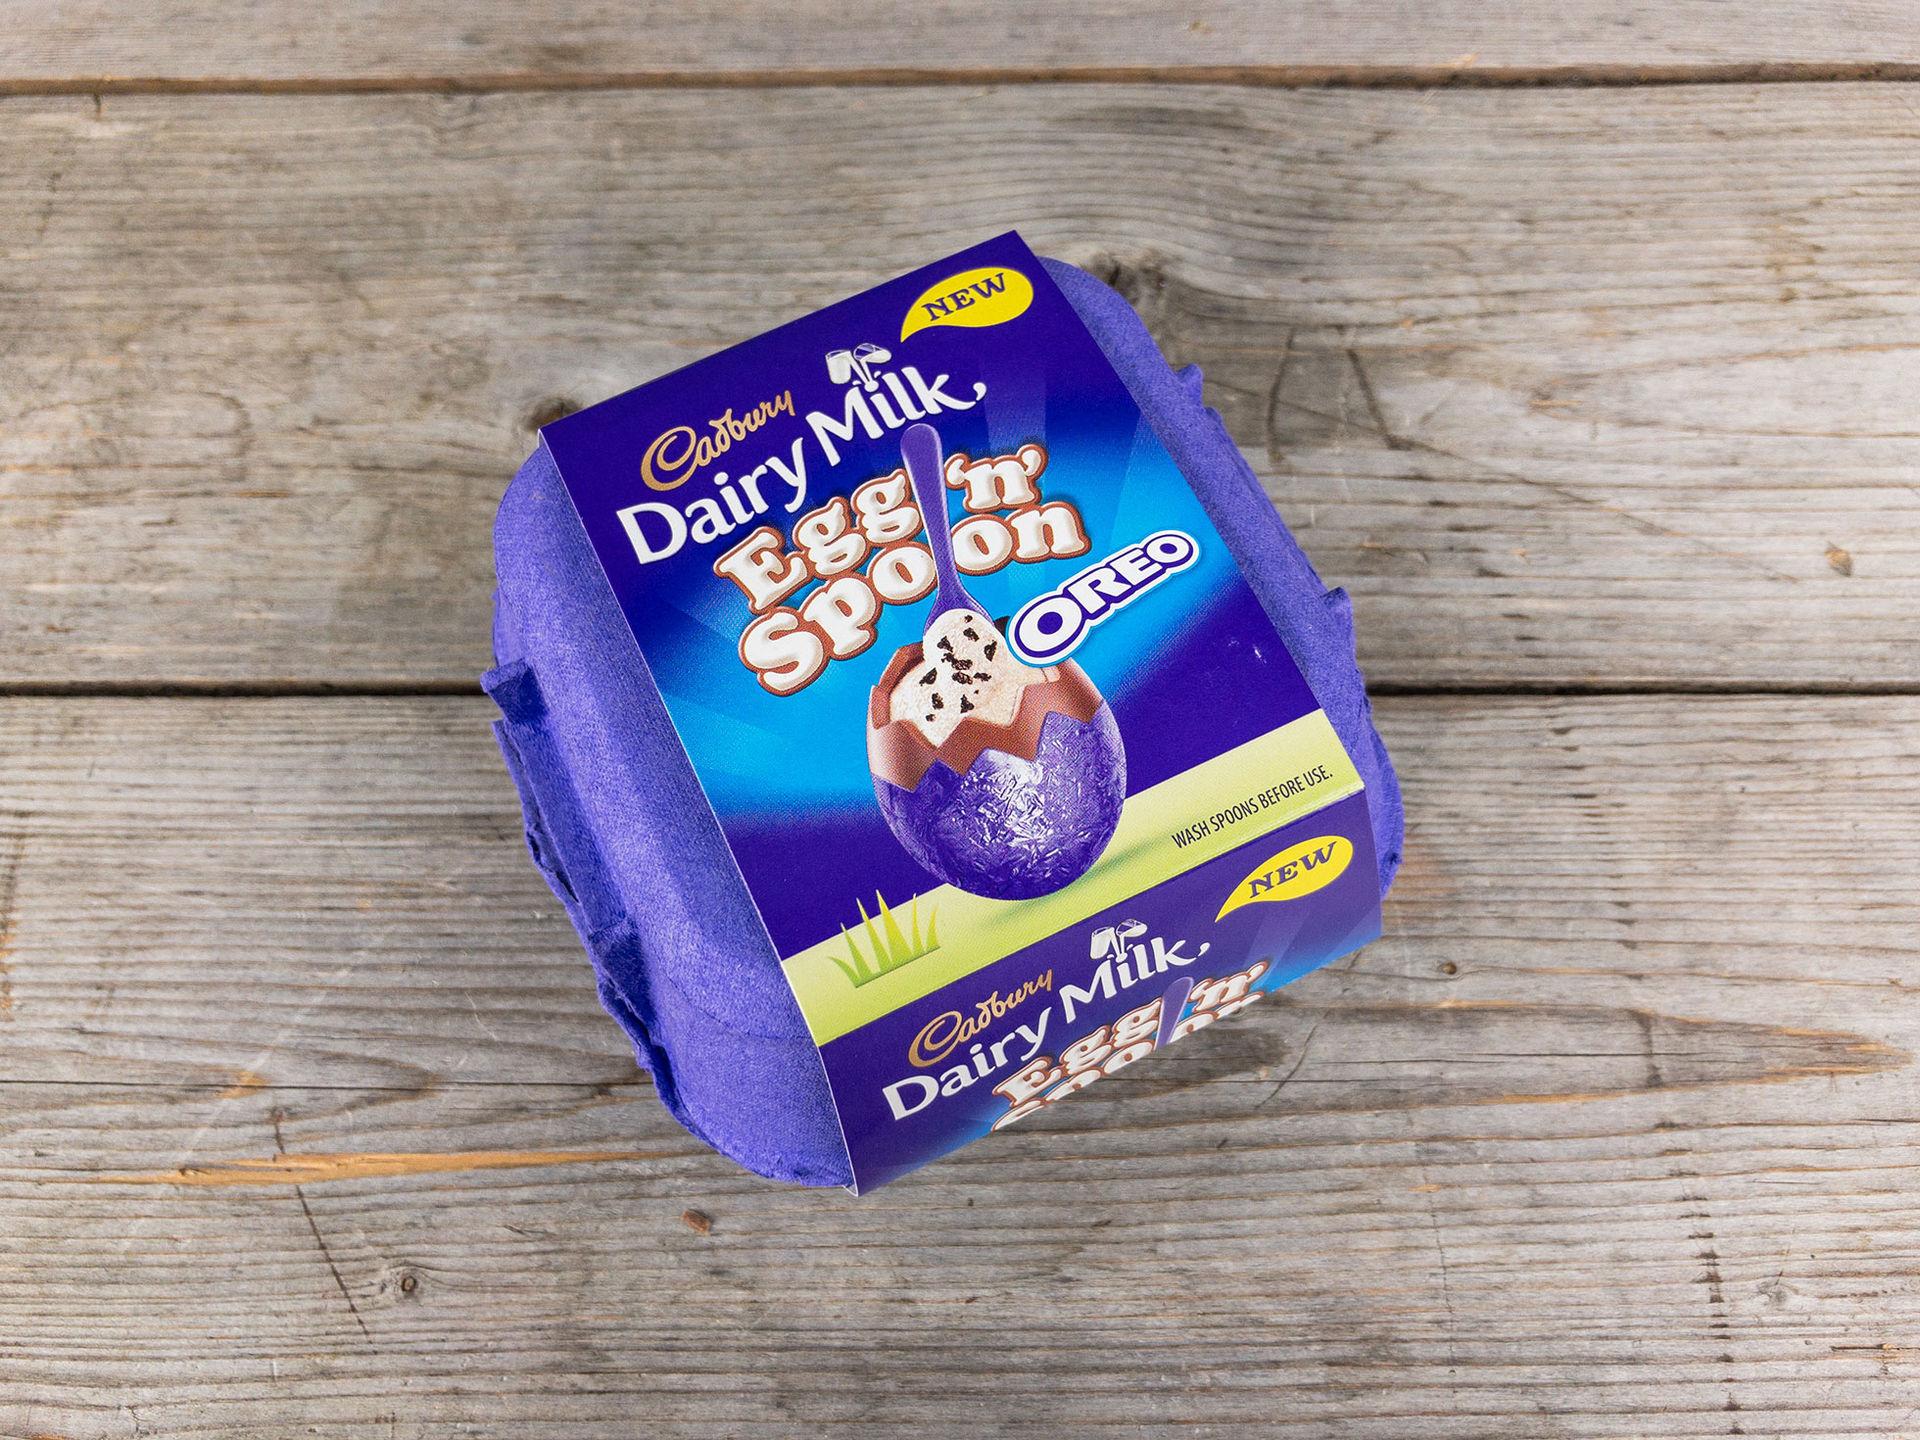 Cadbury släpper påskägg med Oreo-smet